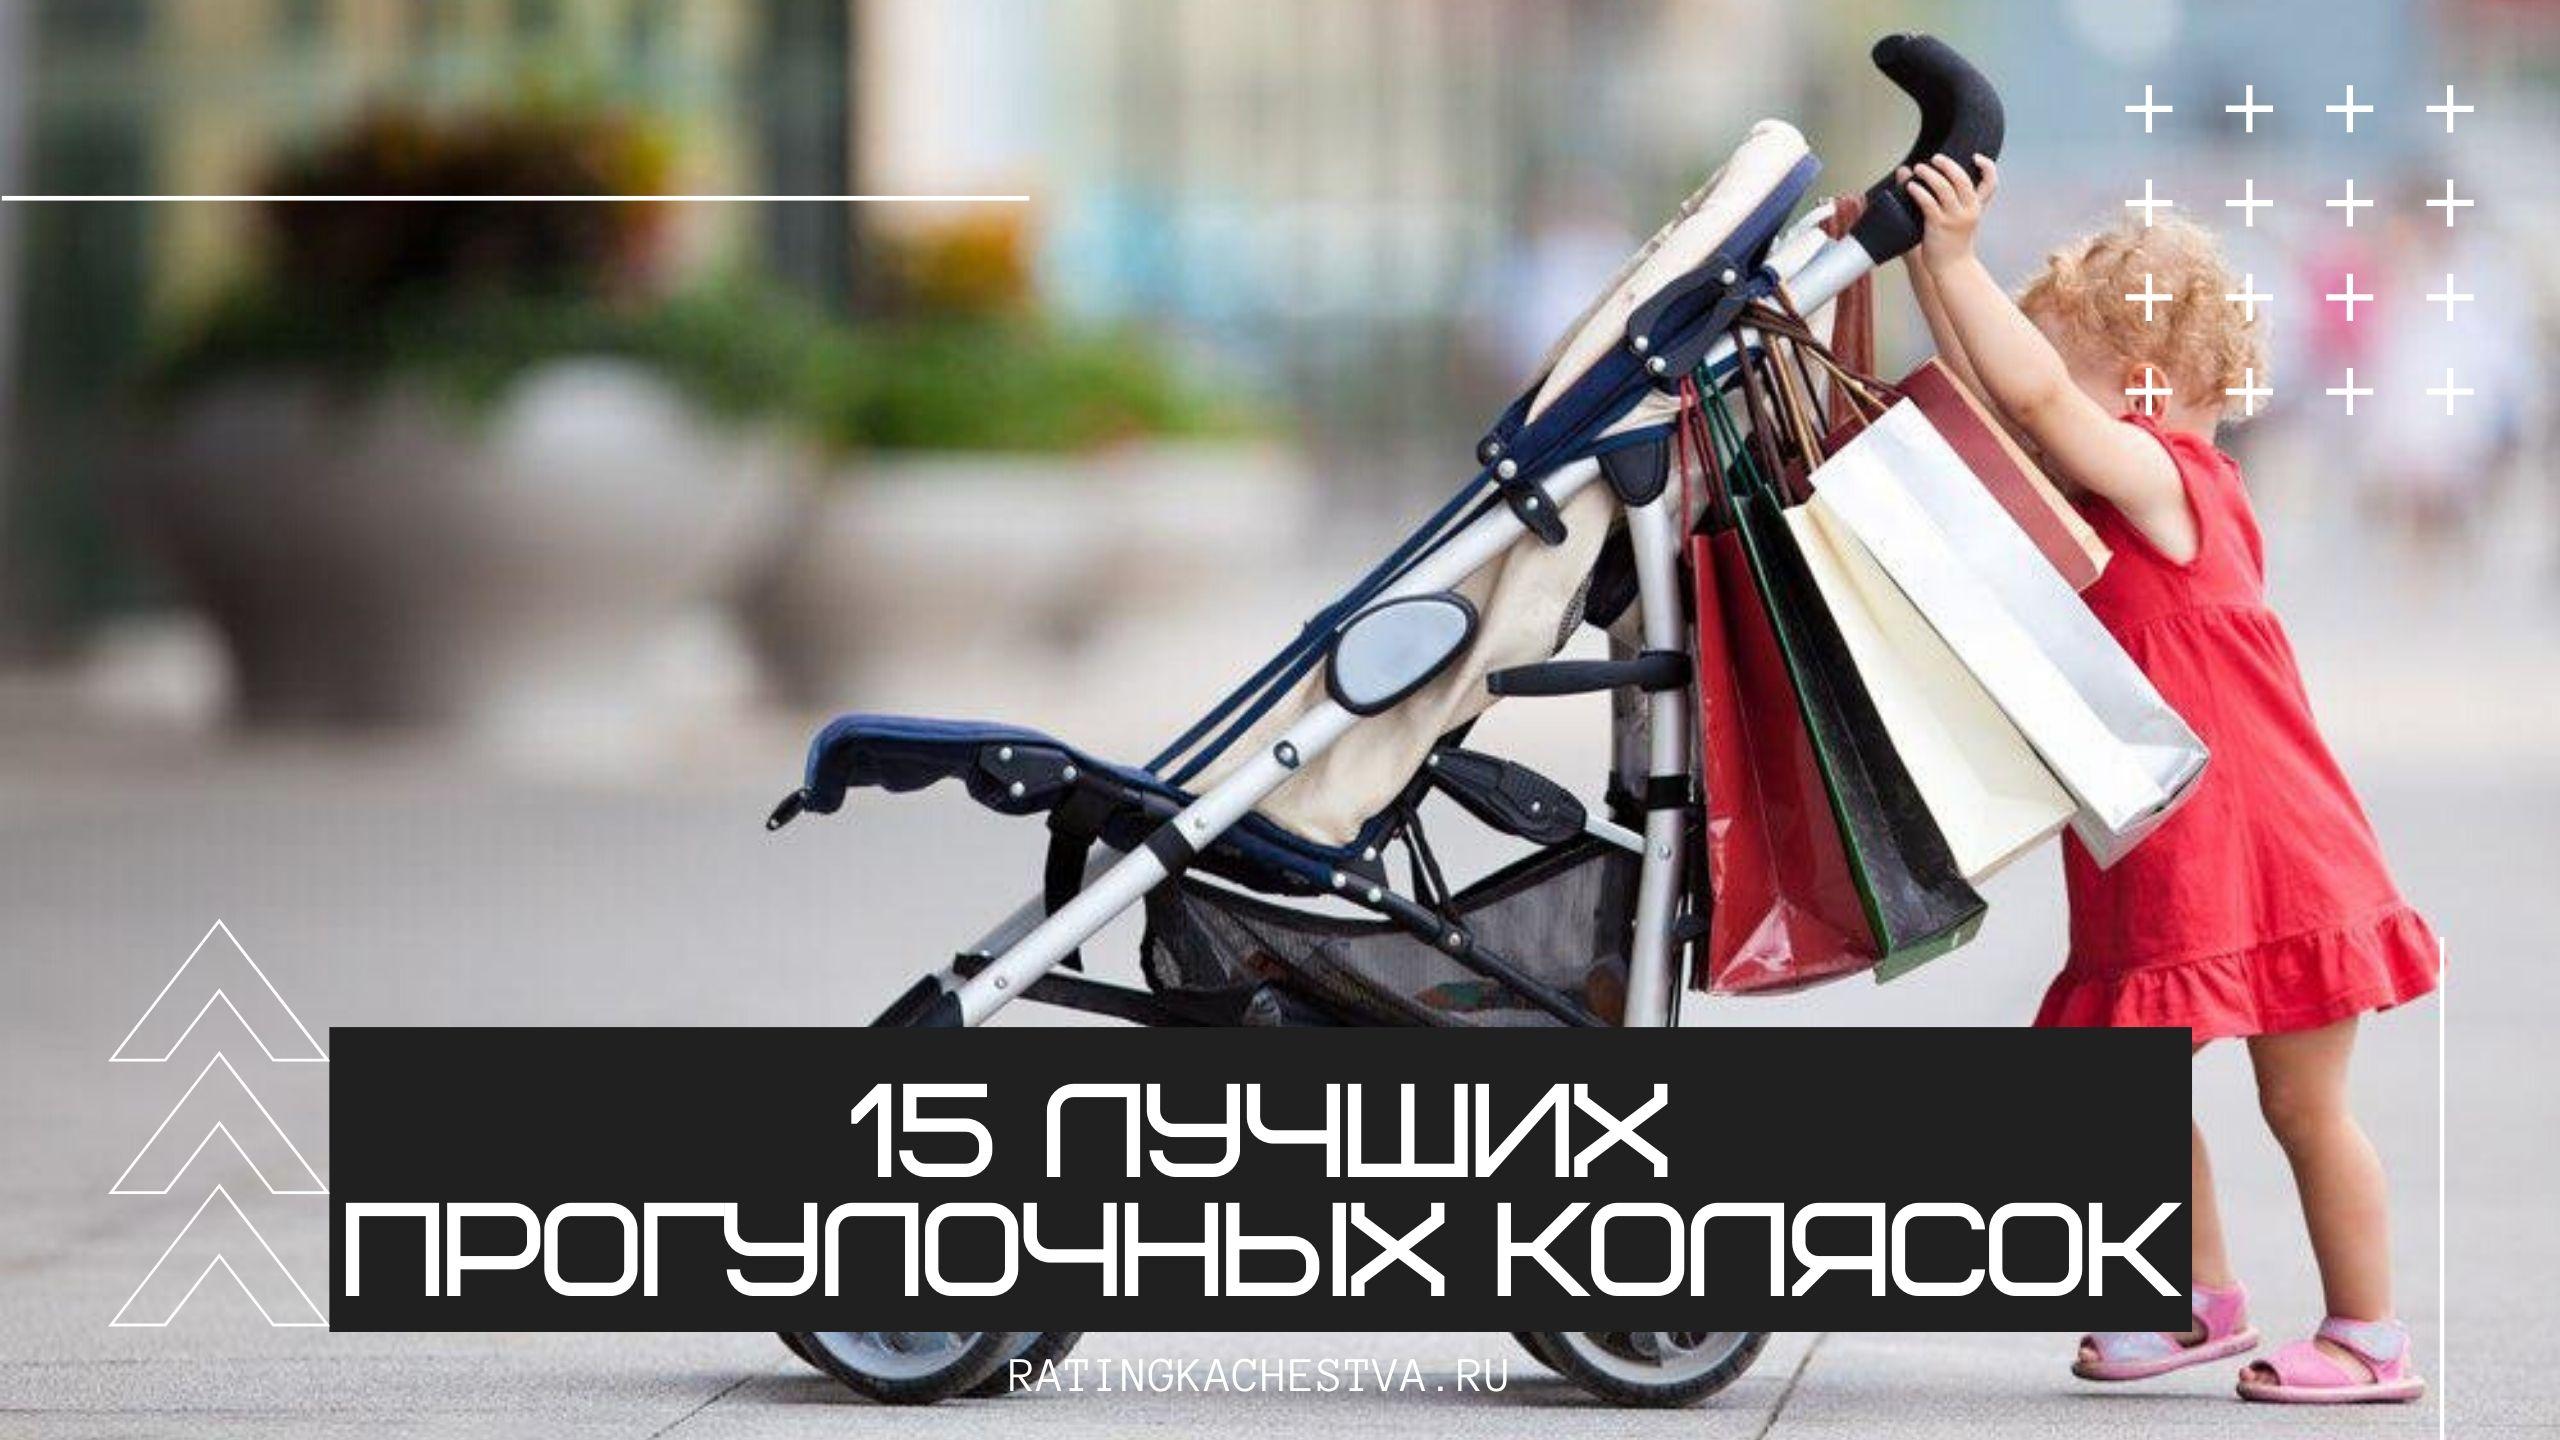 15 лучших прогулочных колясок